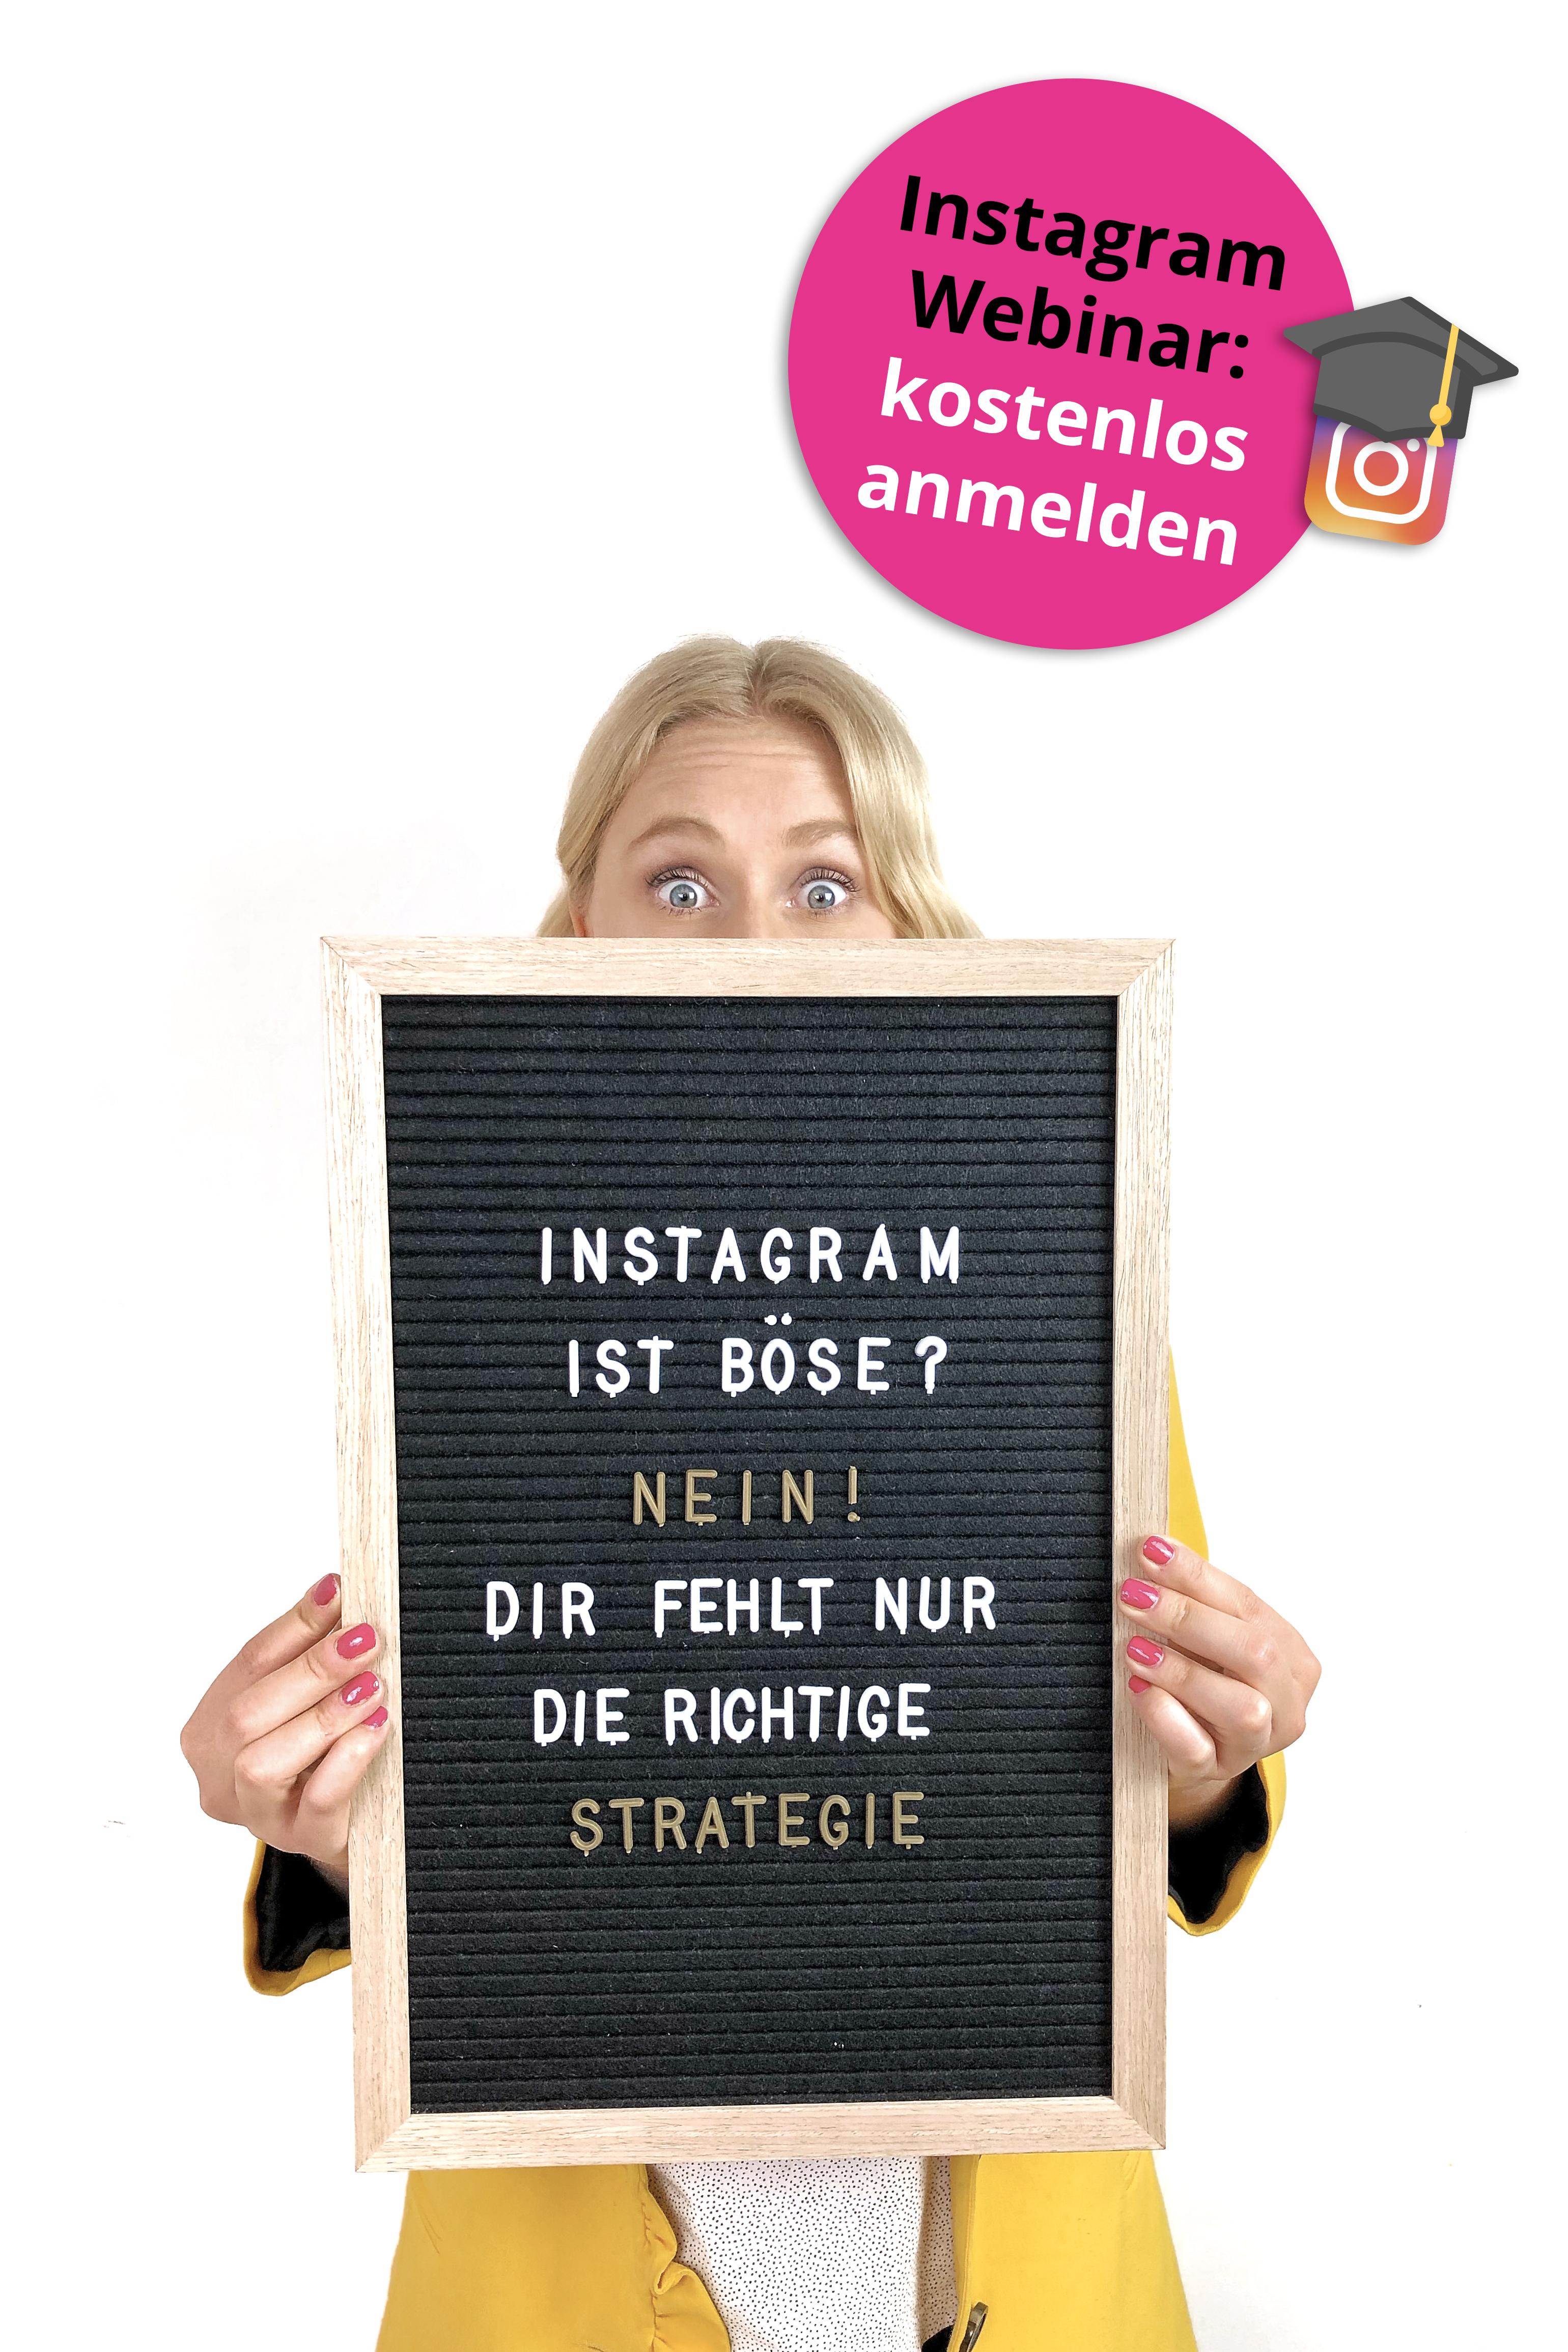 Jetzt zum Webinar anmelden   Instagram tipps, Erfolgreich bloggen ...